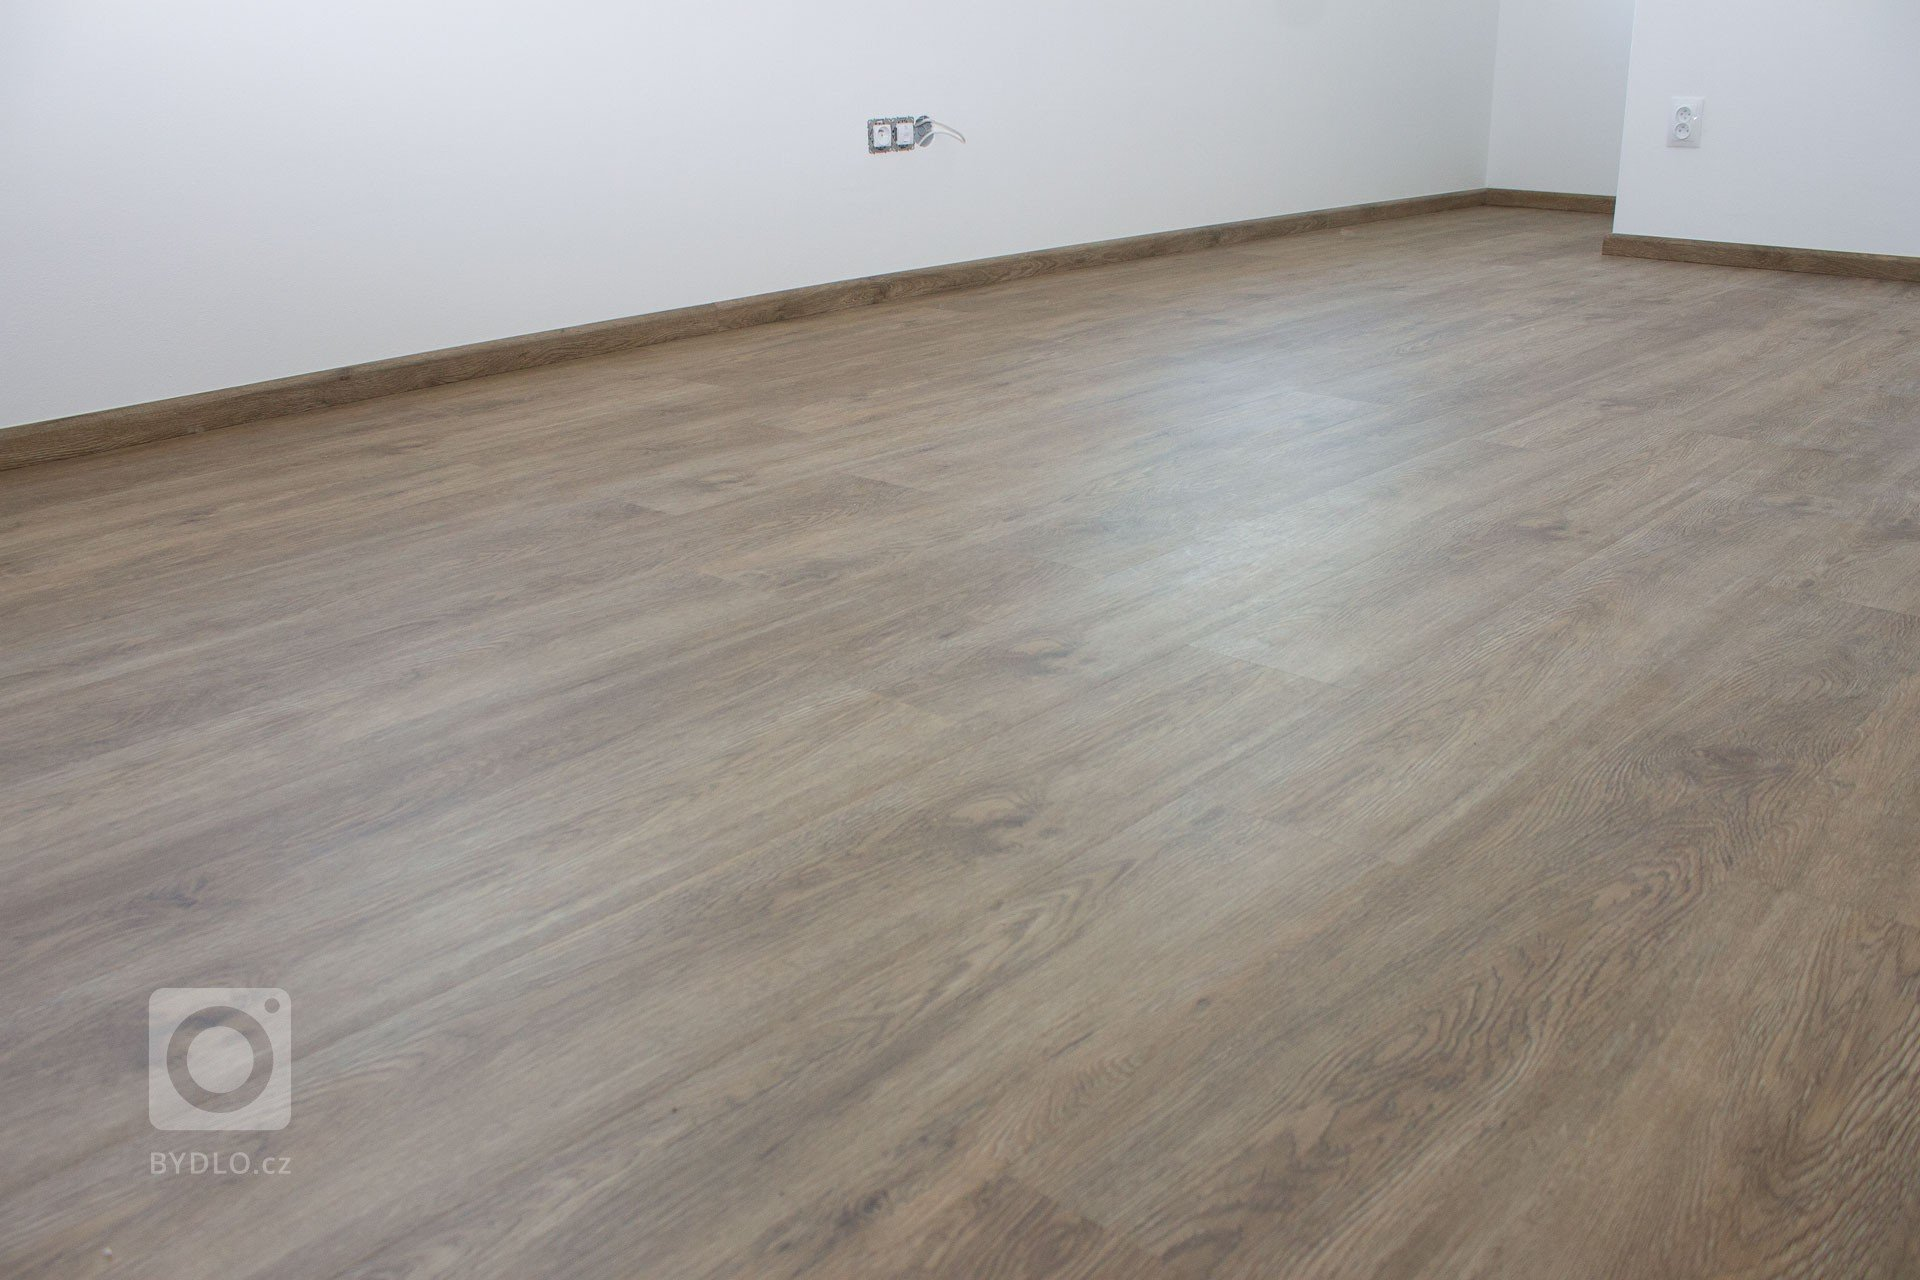 Místnost s vinylovou podlahou BUKOMA CLICK dekor dub Silesia a soklové lišty BUKOMA PROFI-60 s přesným dekorem podlahy